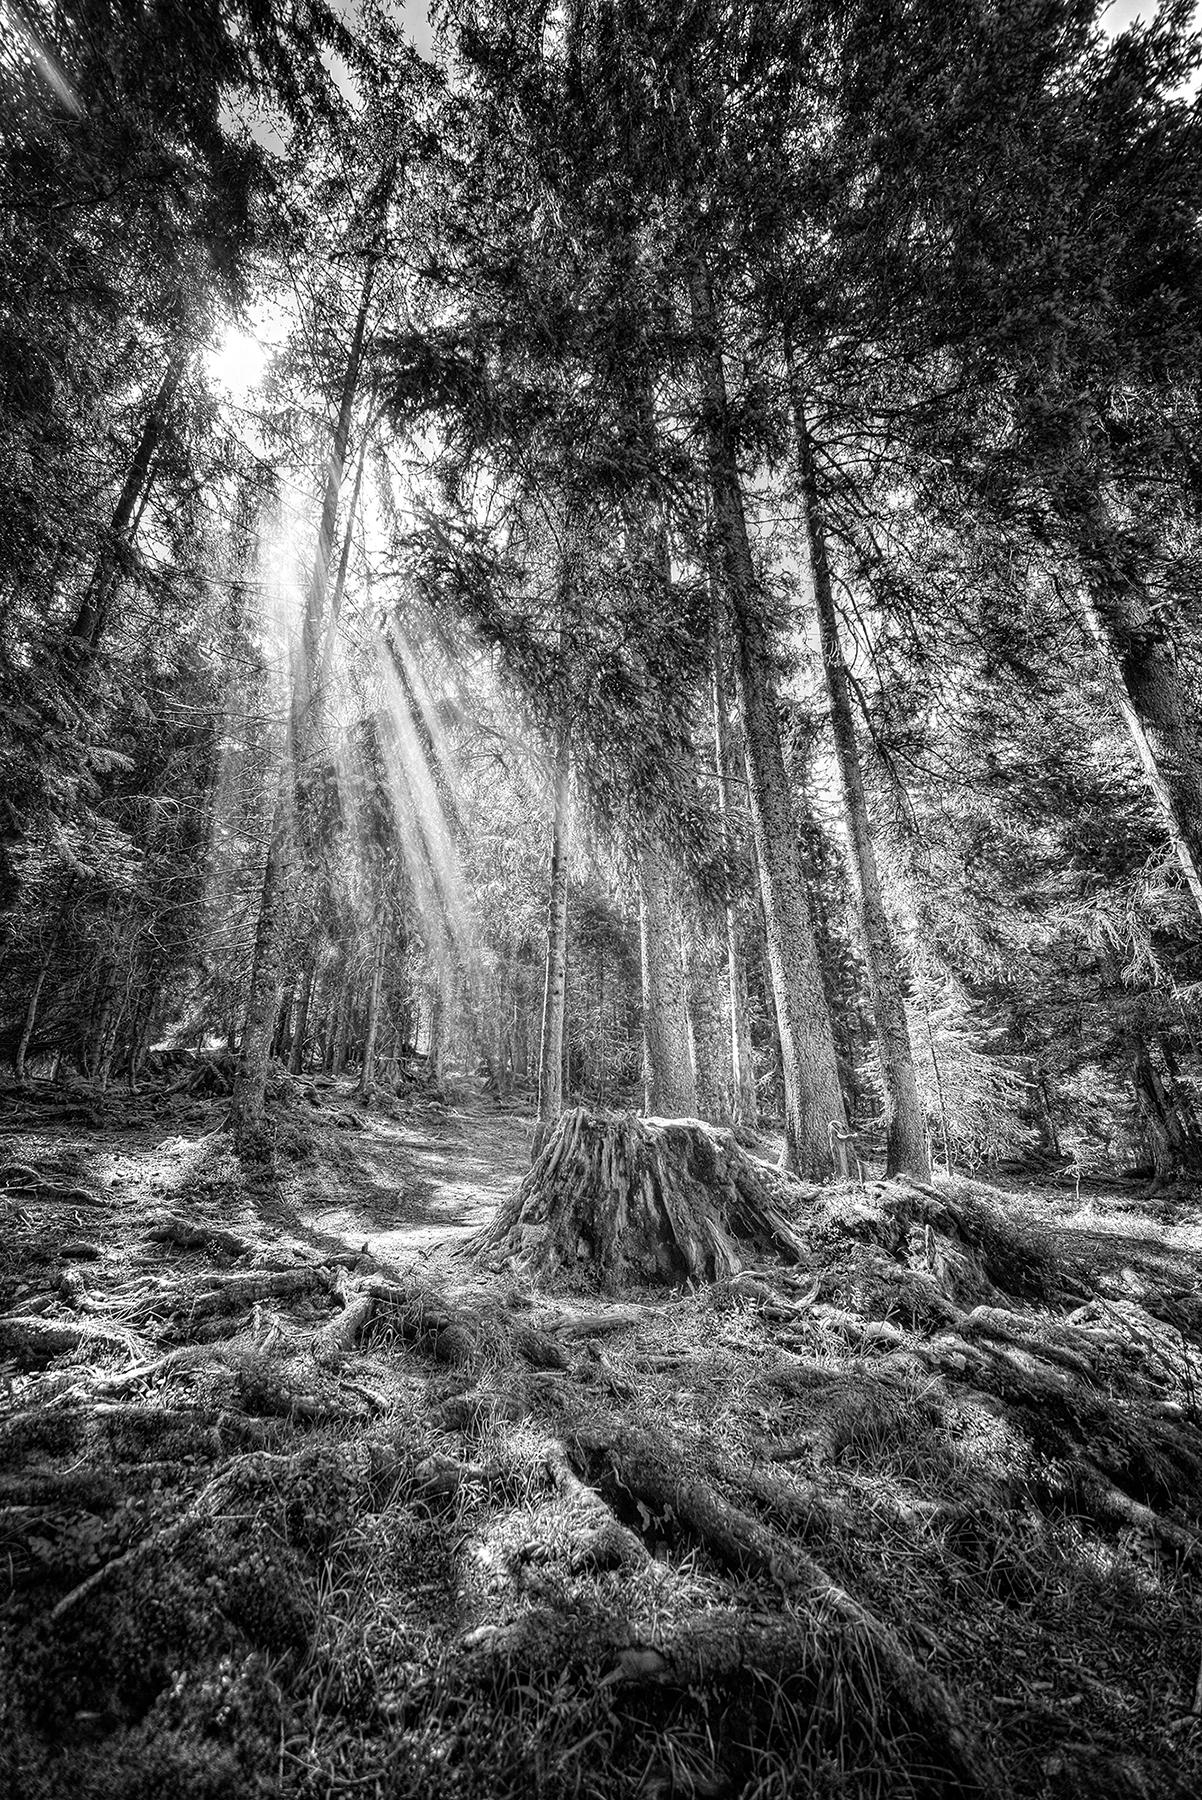 Jochen_Brillowski_Trees_TreeI_1.jpg